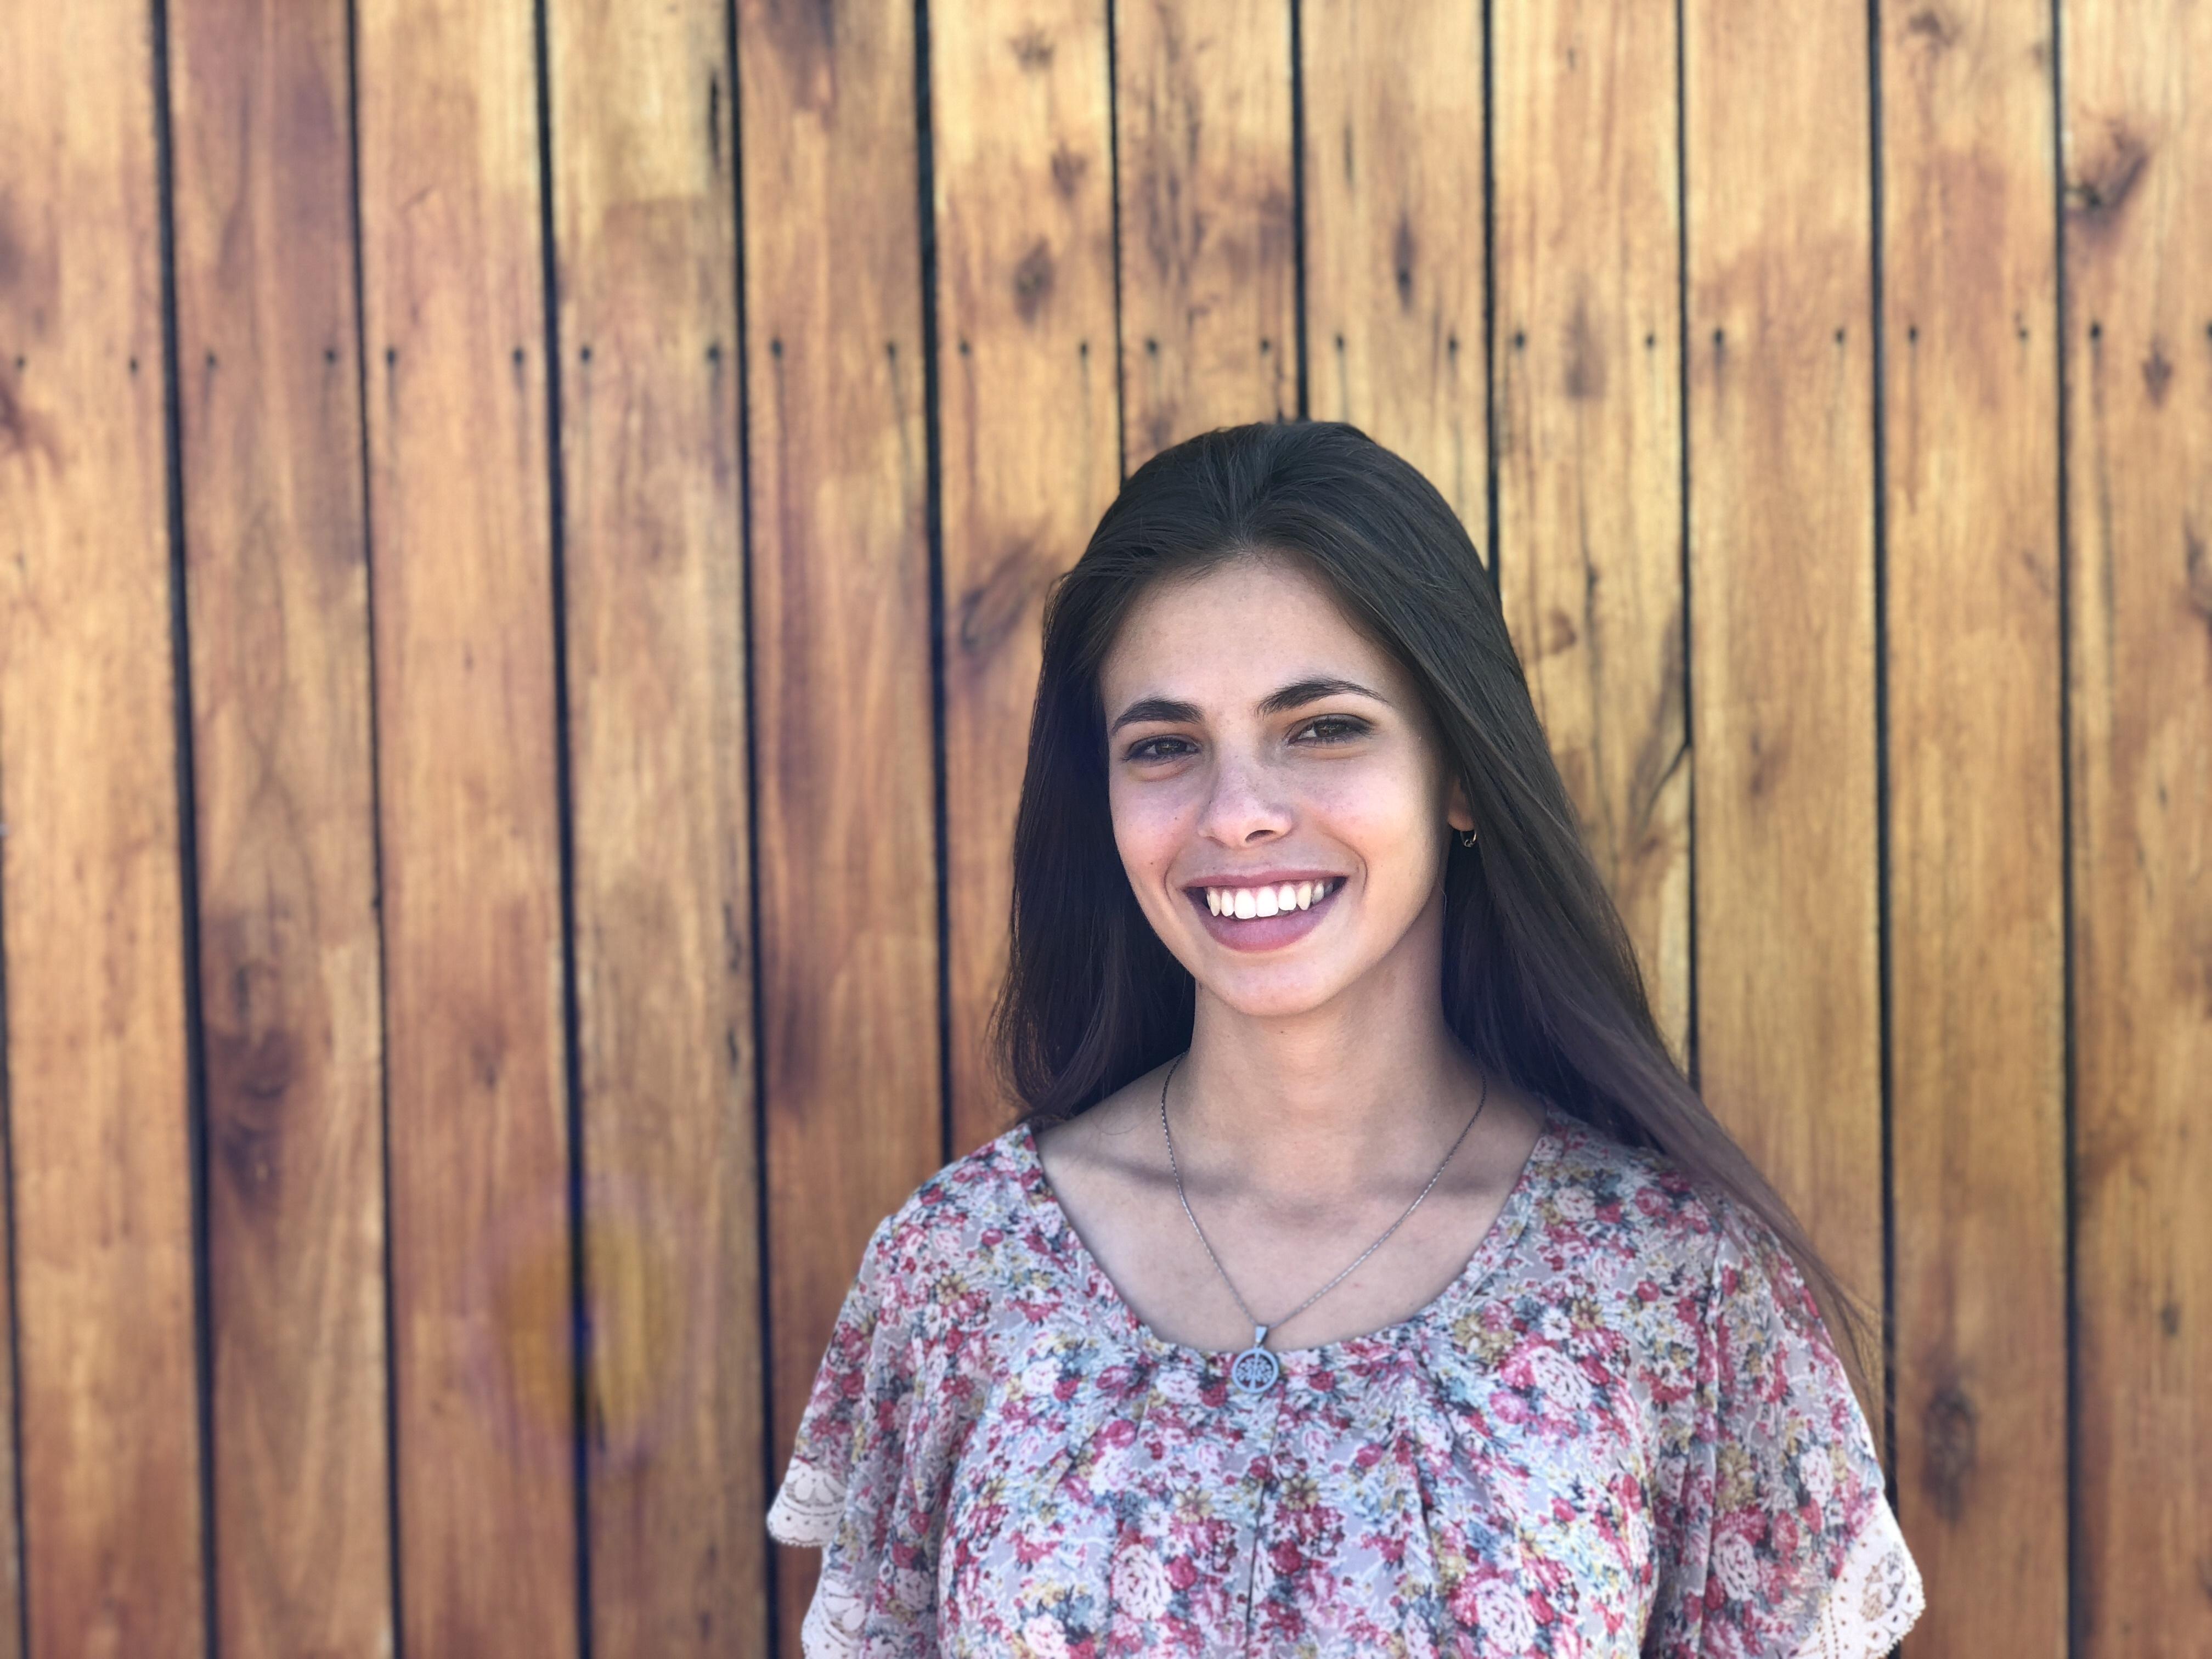 Victoria Ottaviano